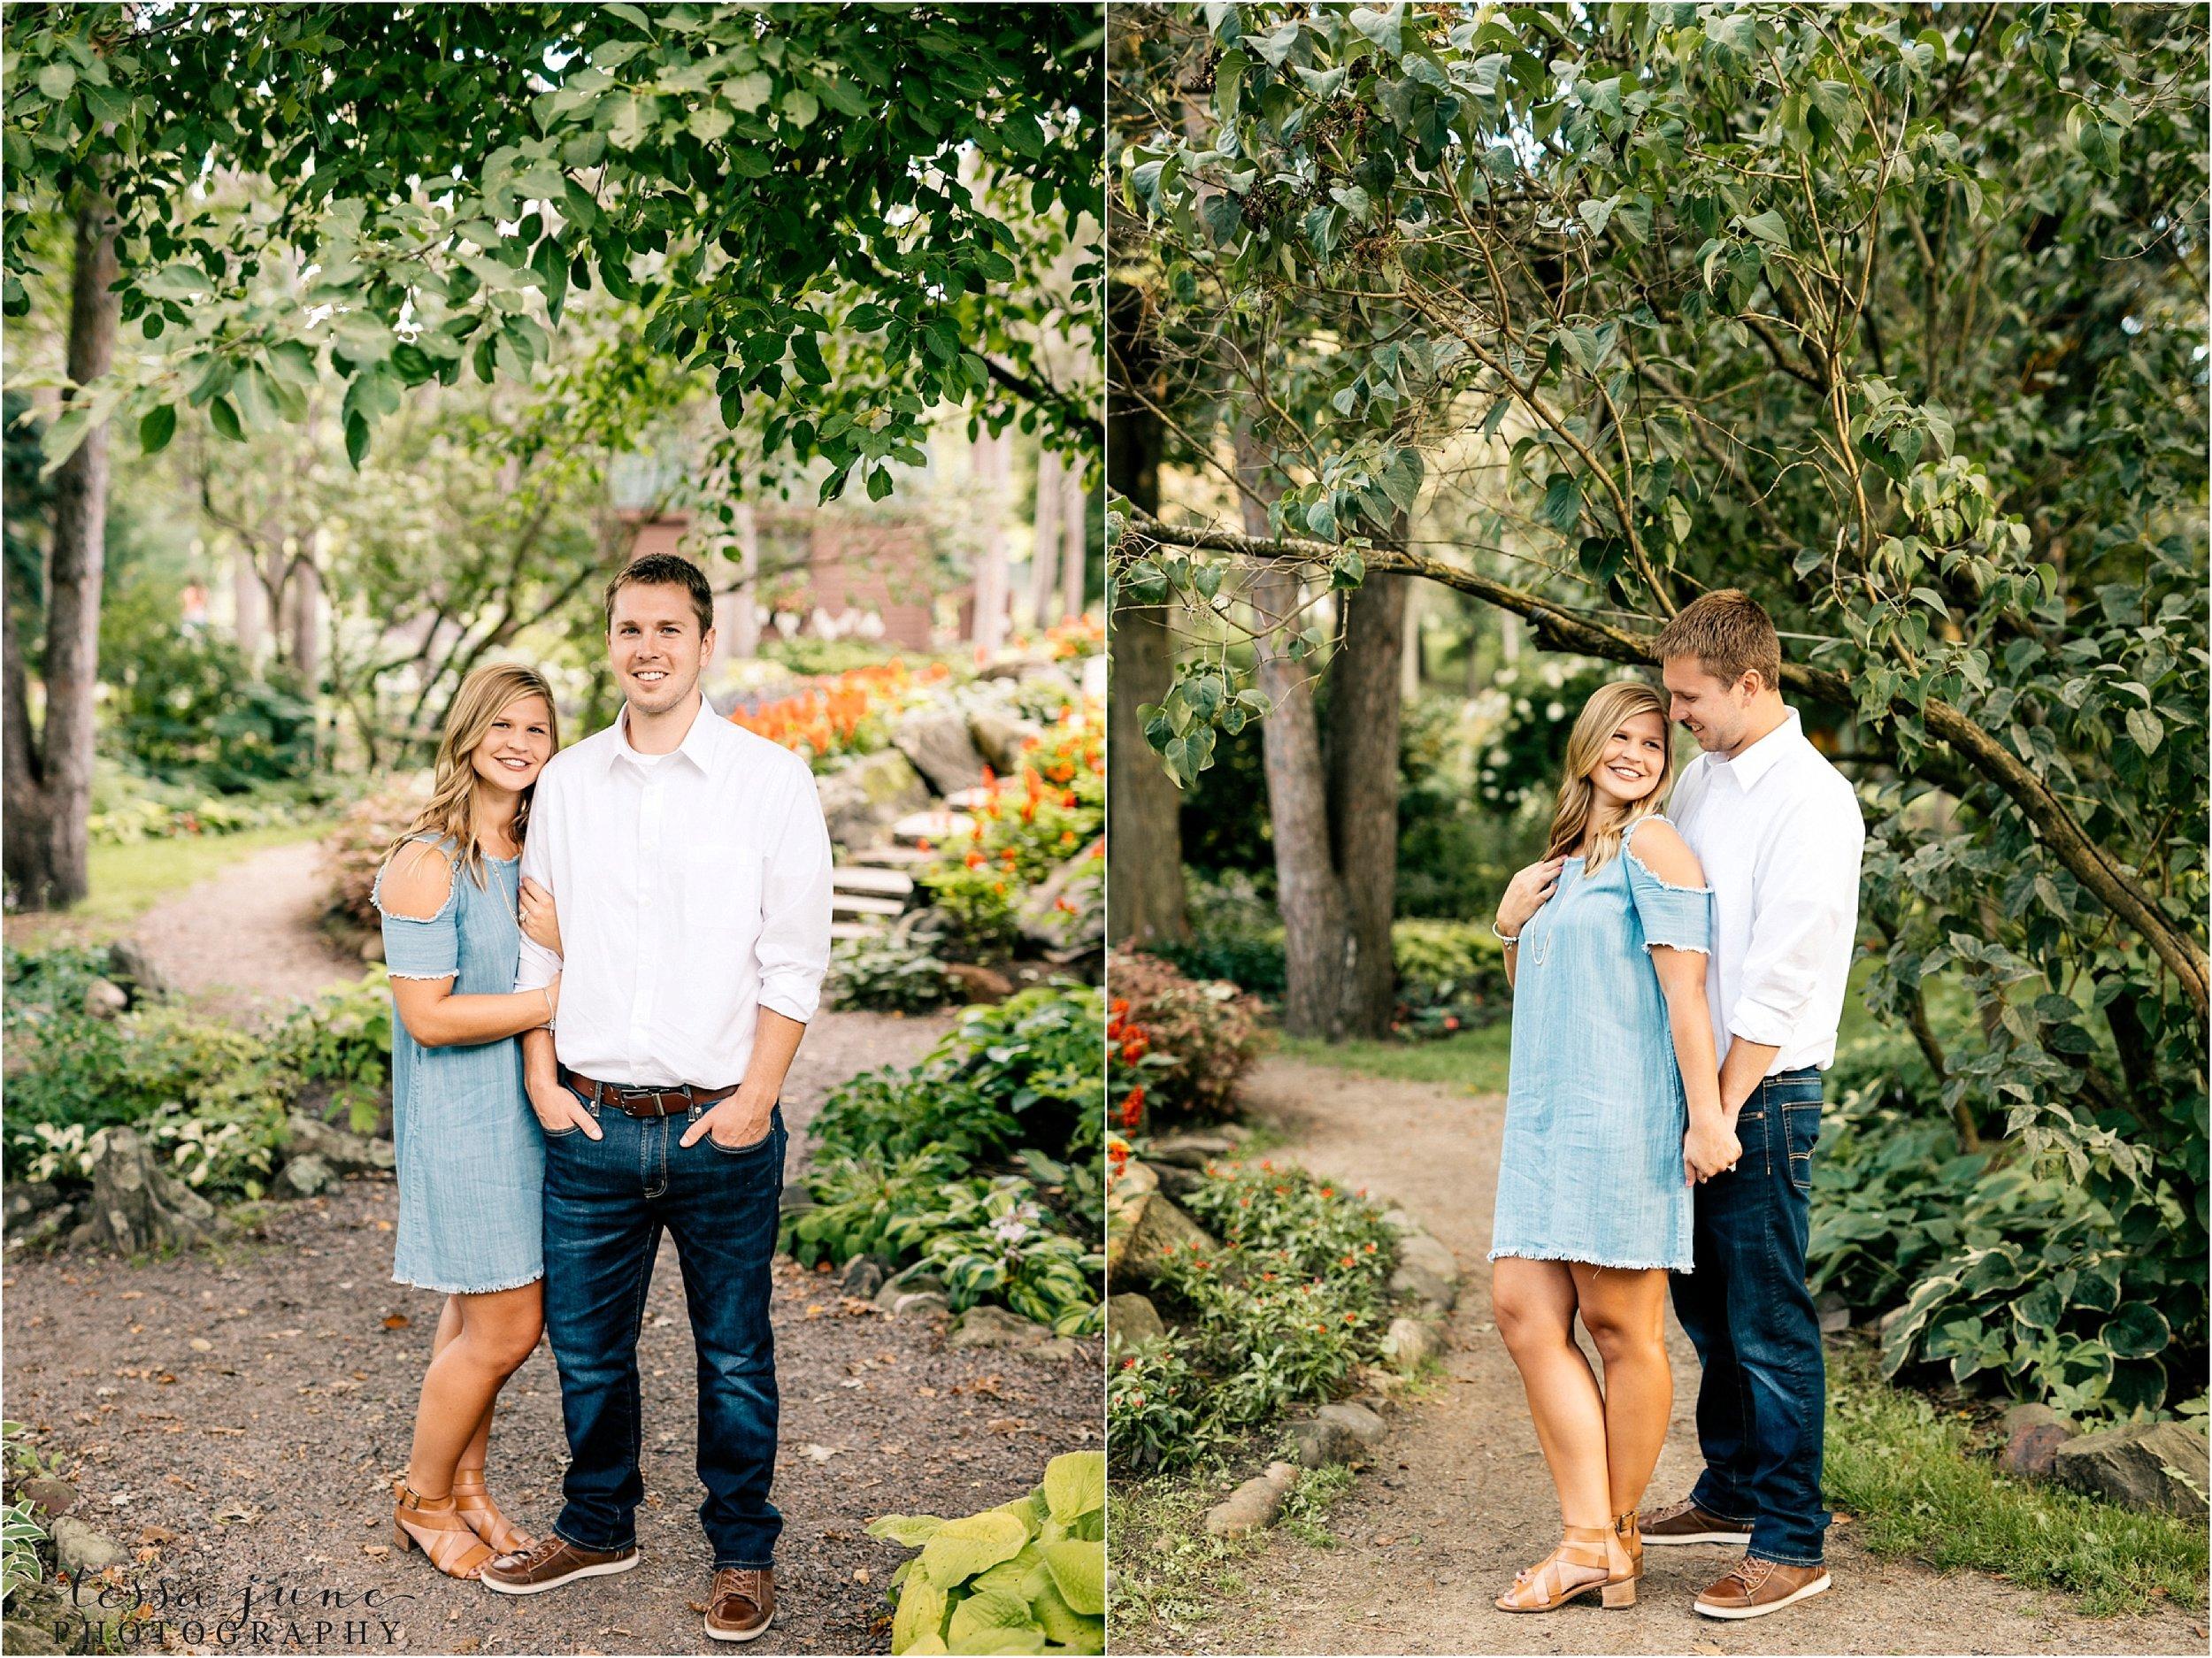 st-cloud-wedding-photographer-tessa-june-photography-munsinger-garden-engagement-7.jpg